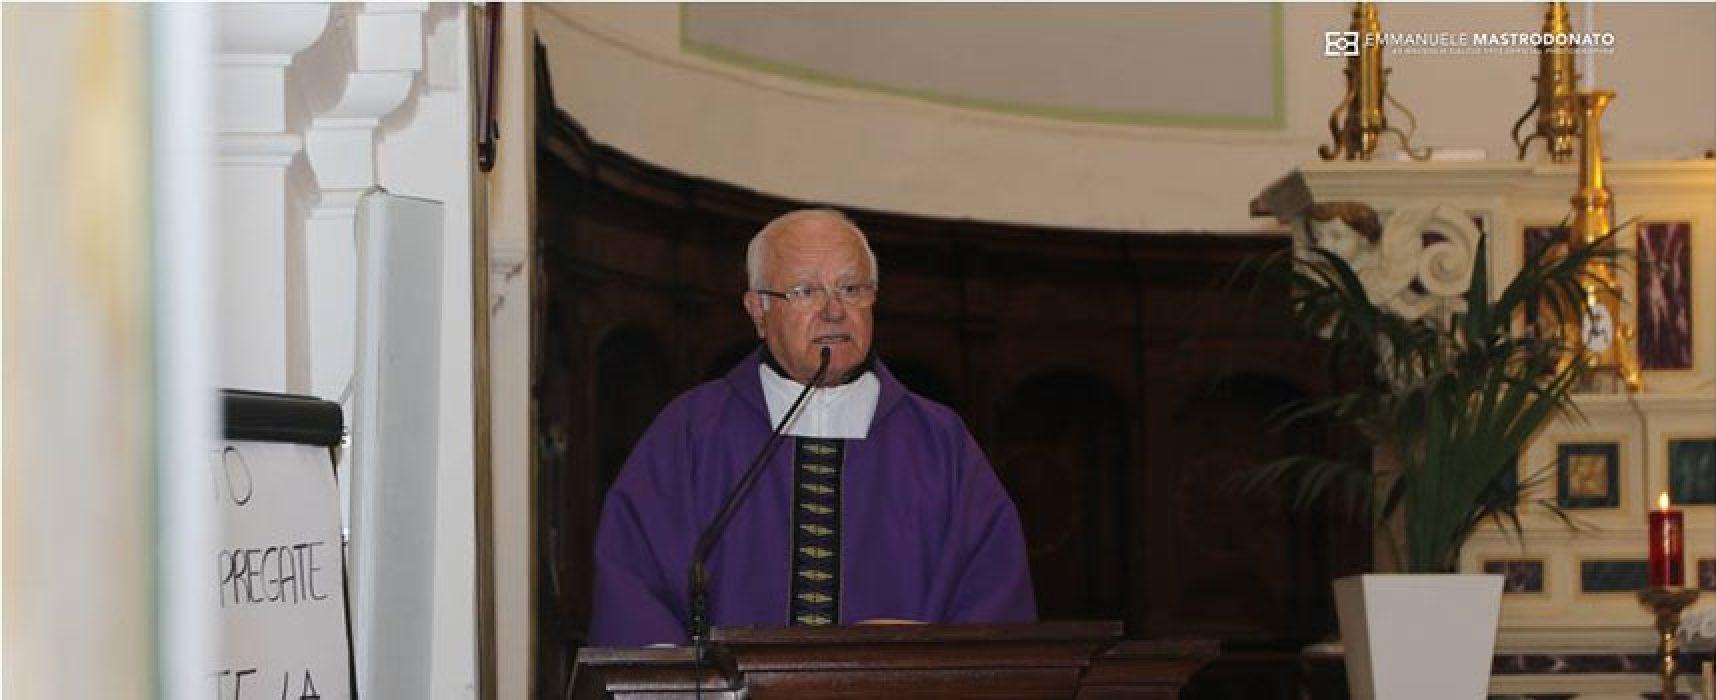 Don Giovanni Di Benedetto festeggia cinquant'anni di vita sacerdotale